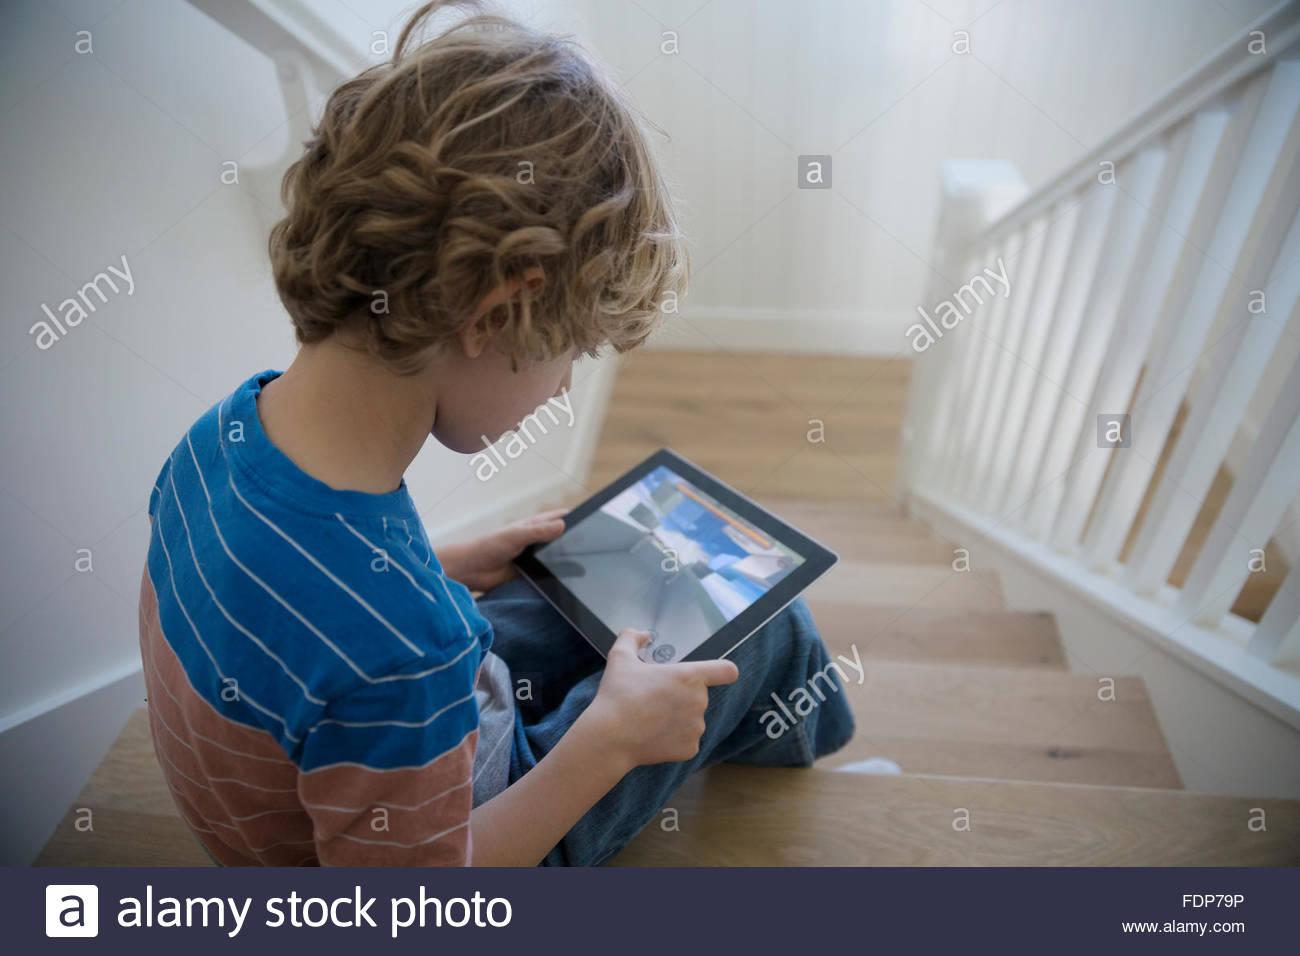 Junge mit digitalen Tablet sitzt auf der Treppe Stockbild